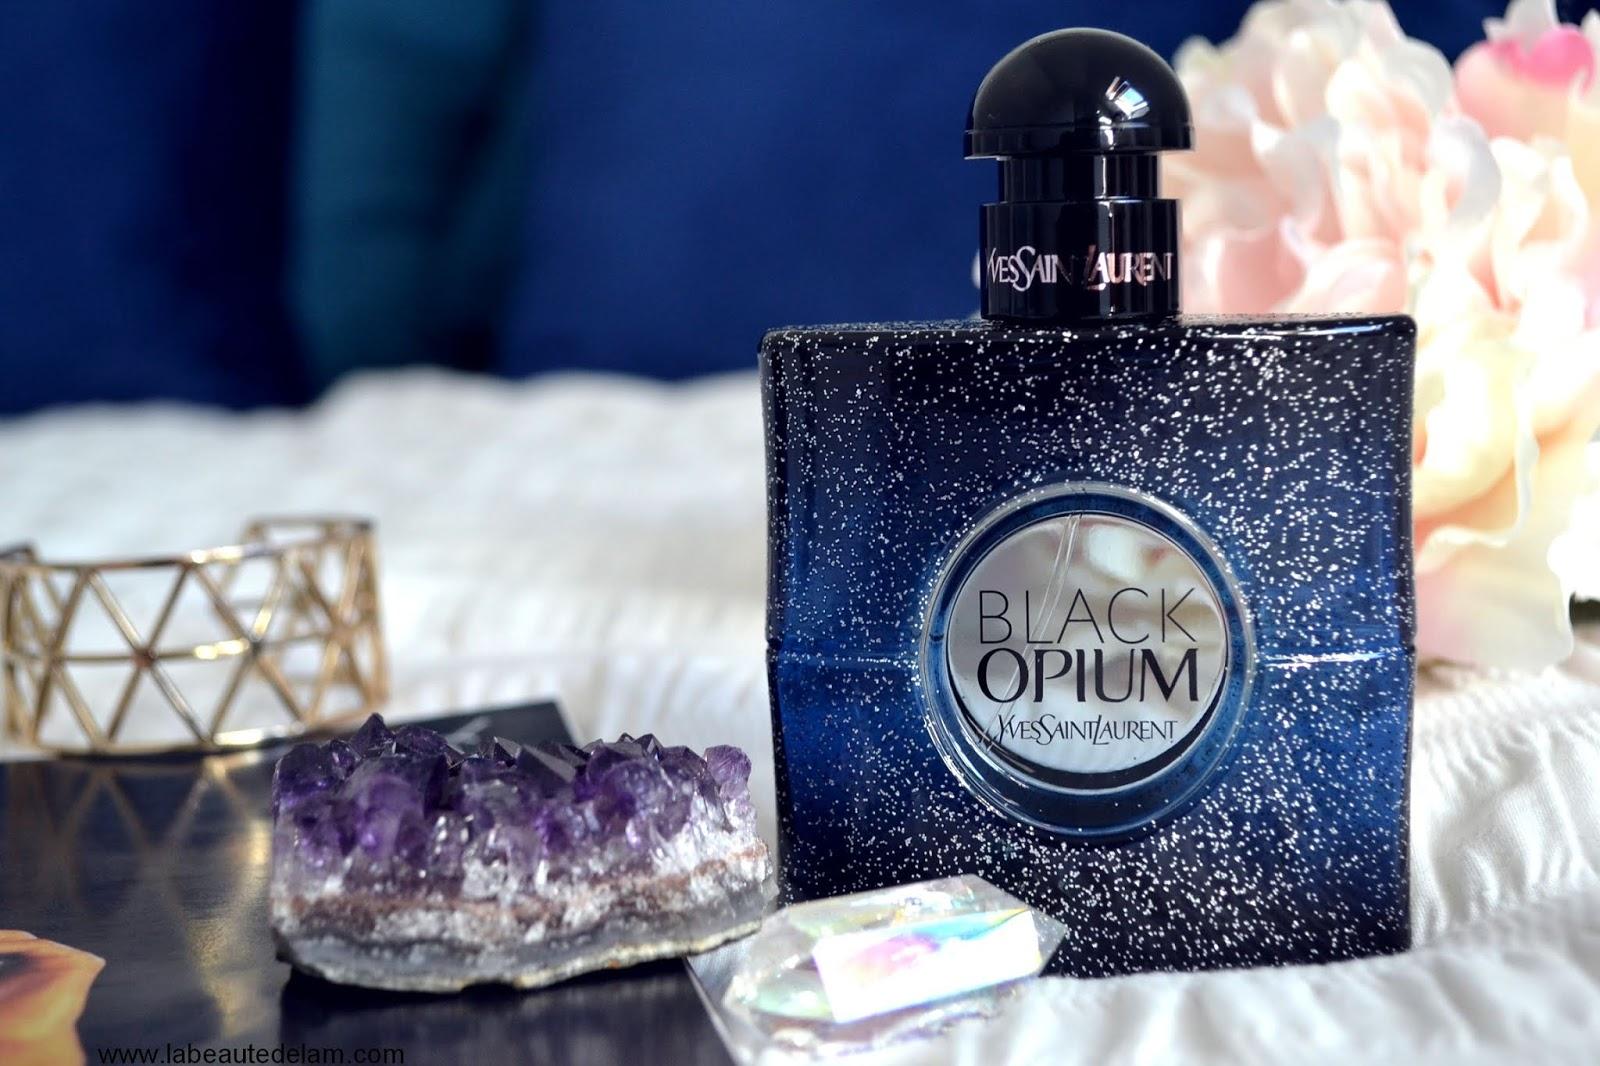 Parfum Black Opium Yves Saint LaurentUn De Intense Addictif zVMqUpS